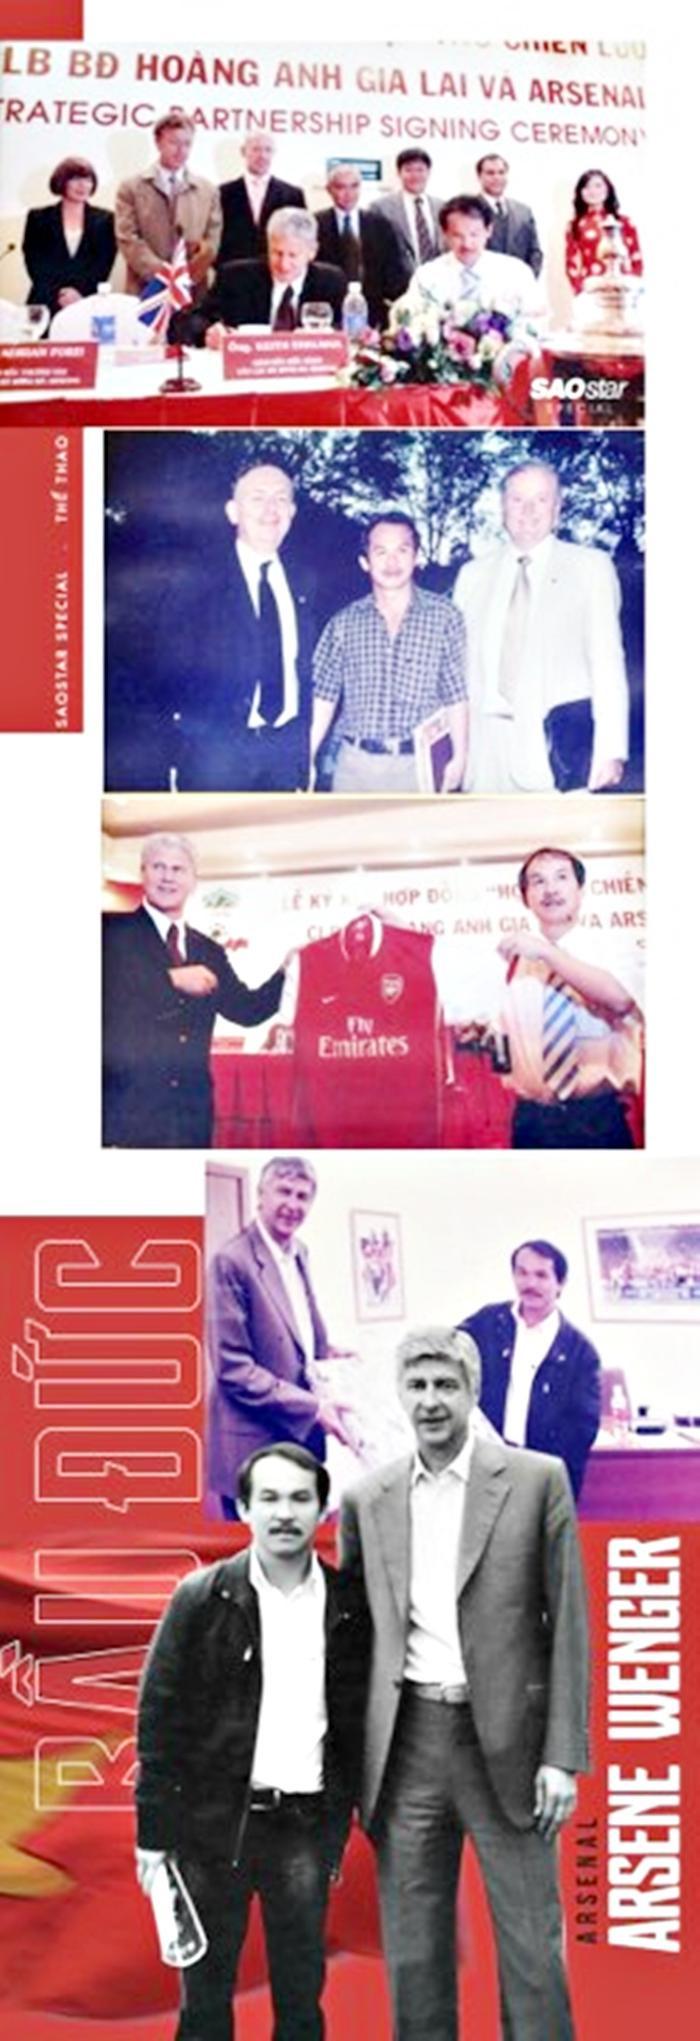 Học viện bóng đá HAGL - Arsenal - JMG có một vị trí đặc biệt trong lịch sử bóng đá nước nhà.